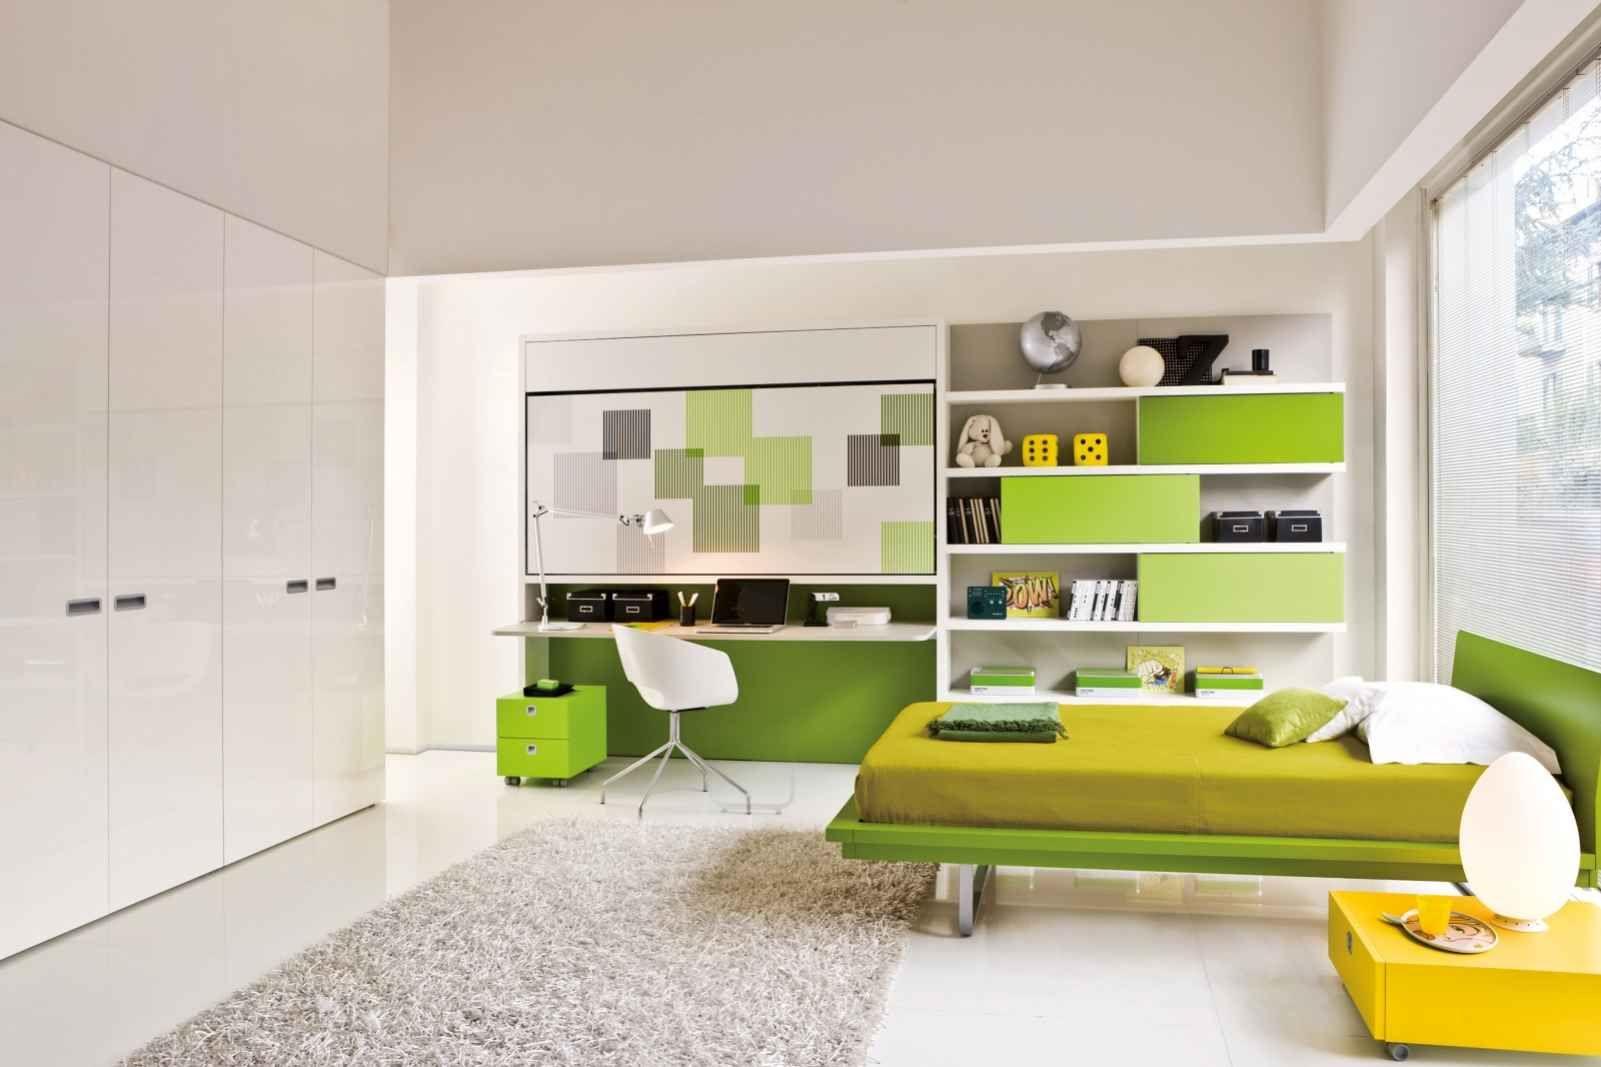 Einzelklappbett Mit Horizontalem Öffnungssystem, Inklusive Einem Fixierten  Schreibtisch Unterhalb Der Ausklappbaren Betteinheit. Für Die